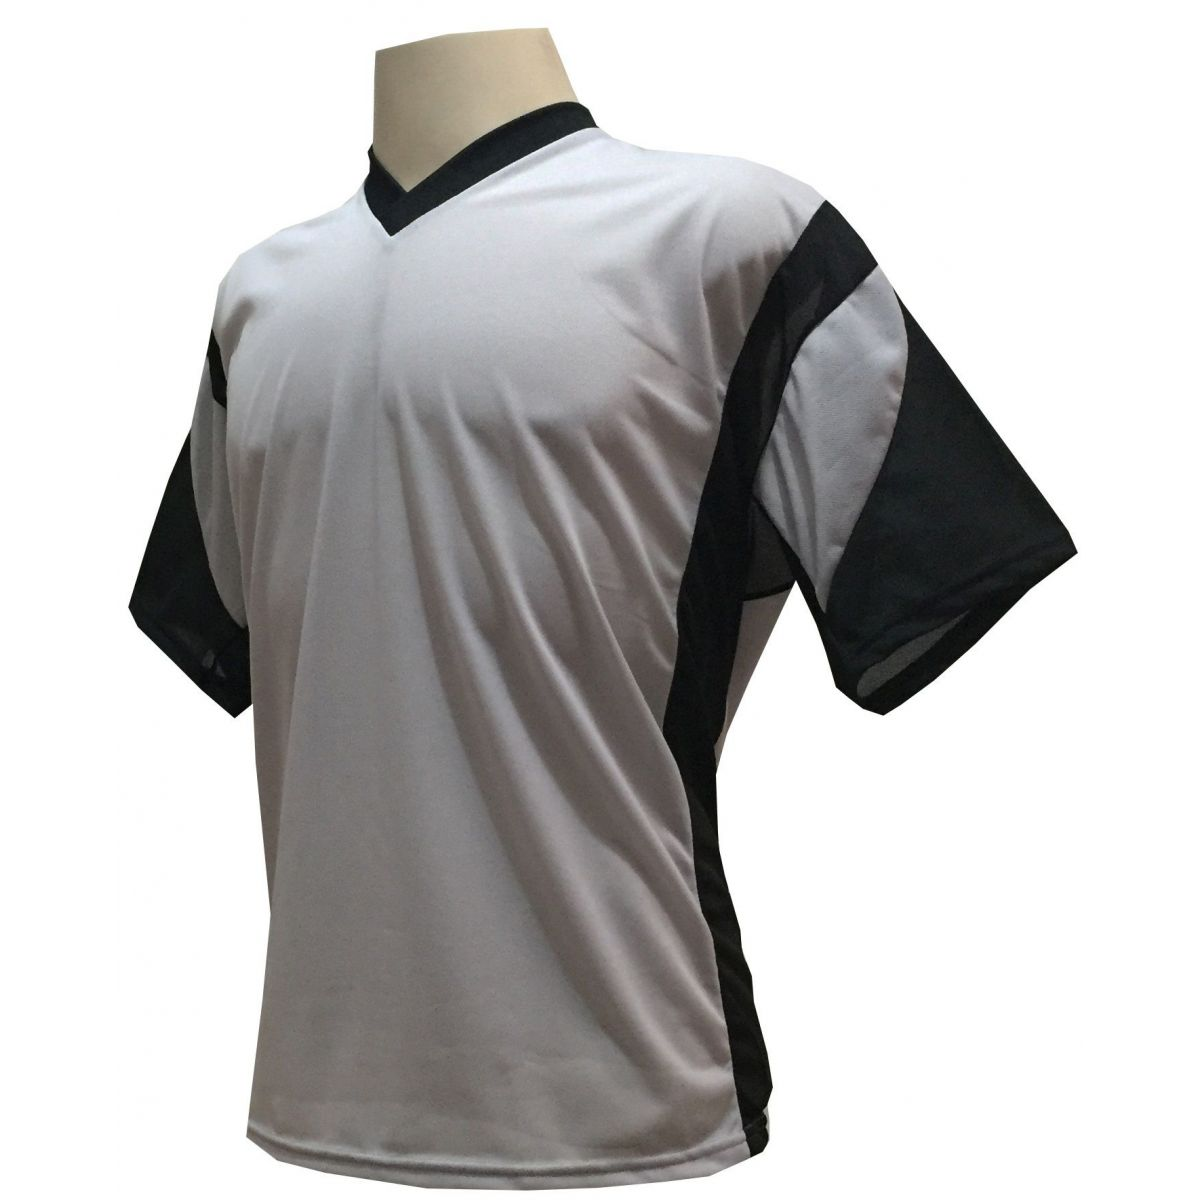 Jogo de Camisa Promocional com 18 Peças Numeradas Modelo Attack Cinza/Preto - Frete Grátis Brasil